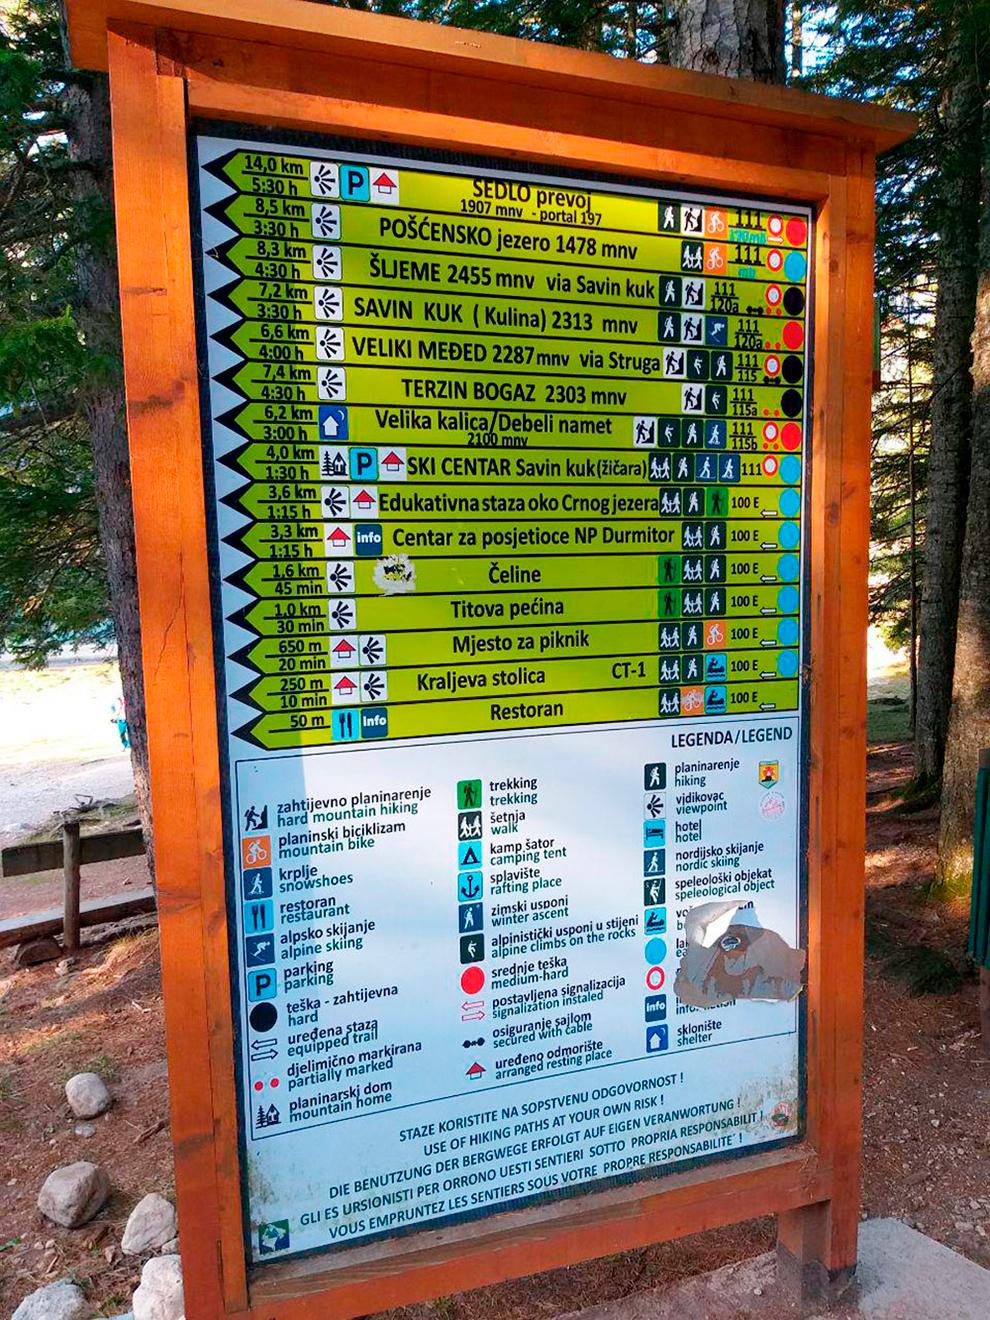 На стендах с маршрутами для прогулок указана сложность, расстояние и примерное время в пути до точки. На финише есть еще один стенд со следующими маршрутами